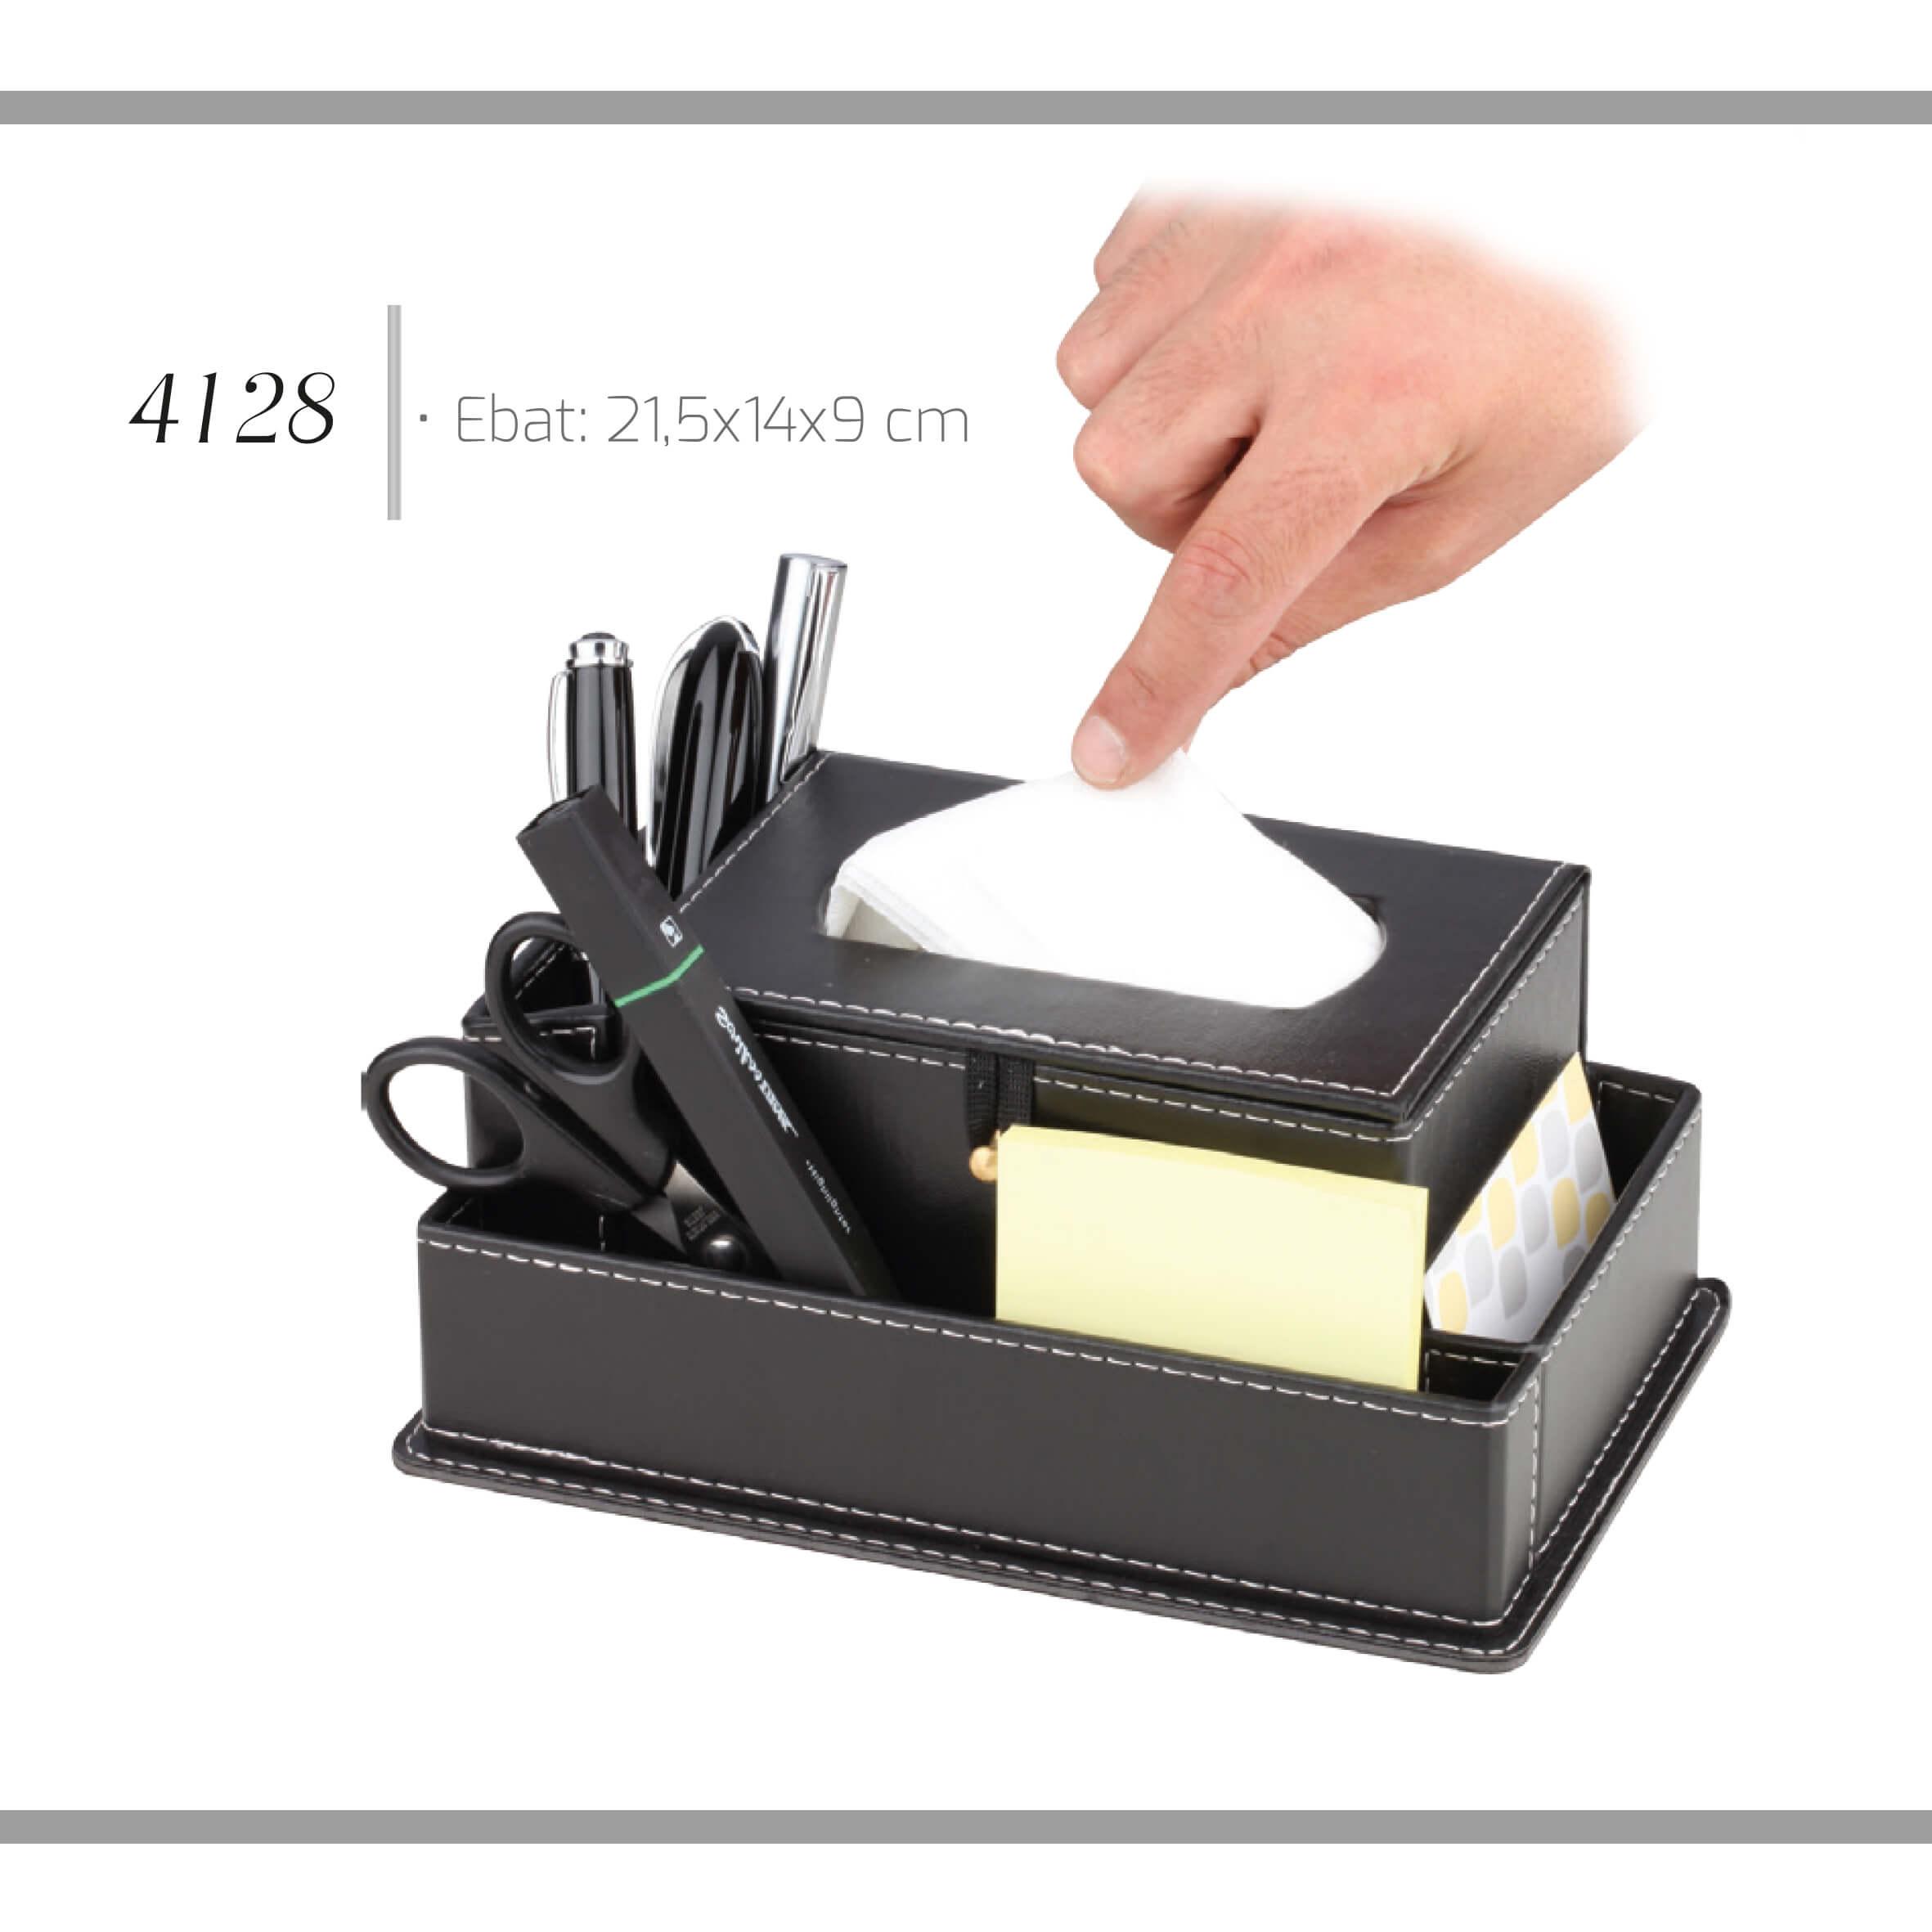 promosyon-promosyon ürünleri-promosyon masa seti-deri kalemlik 4128